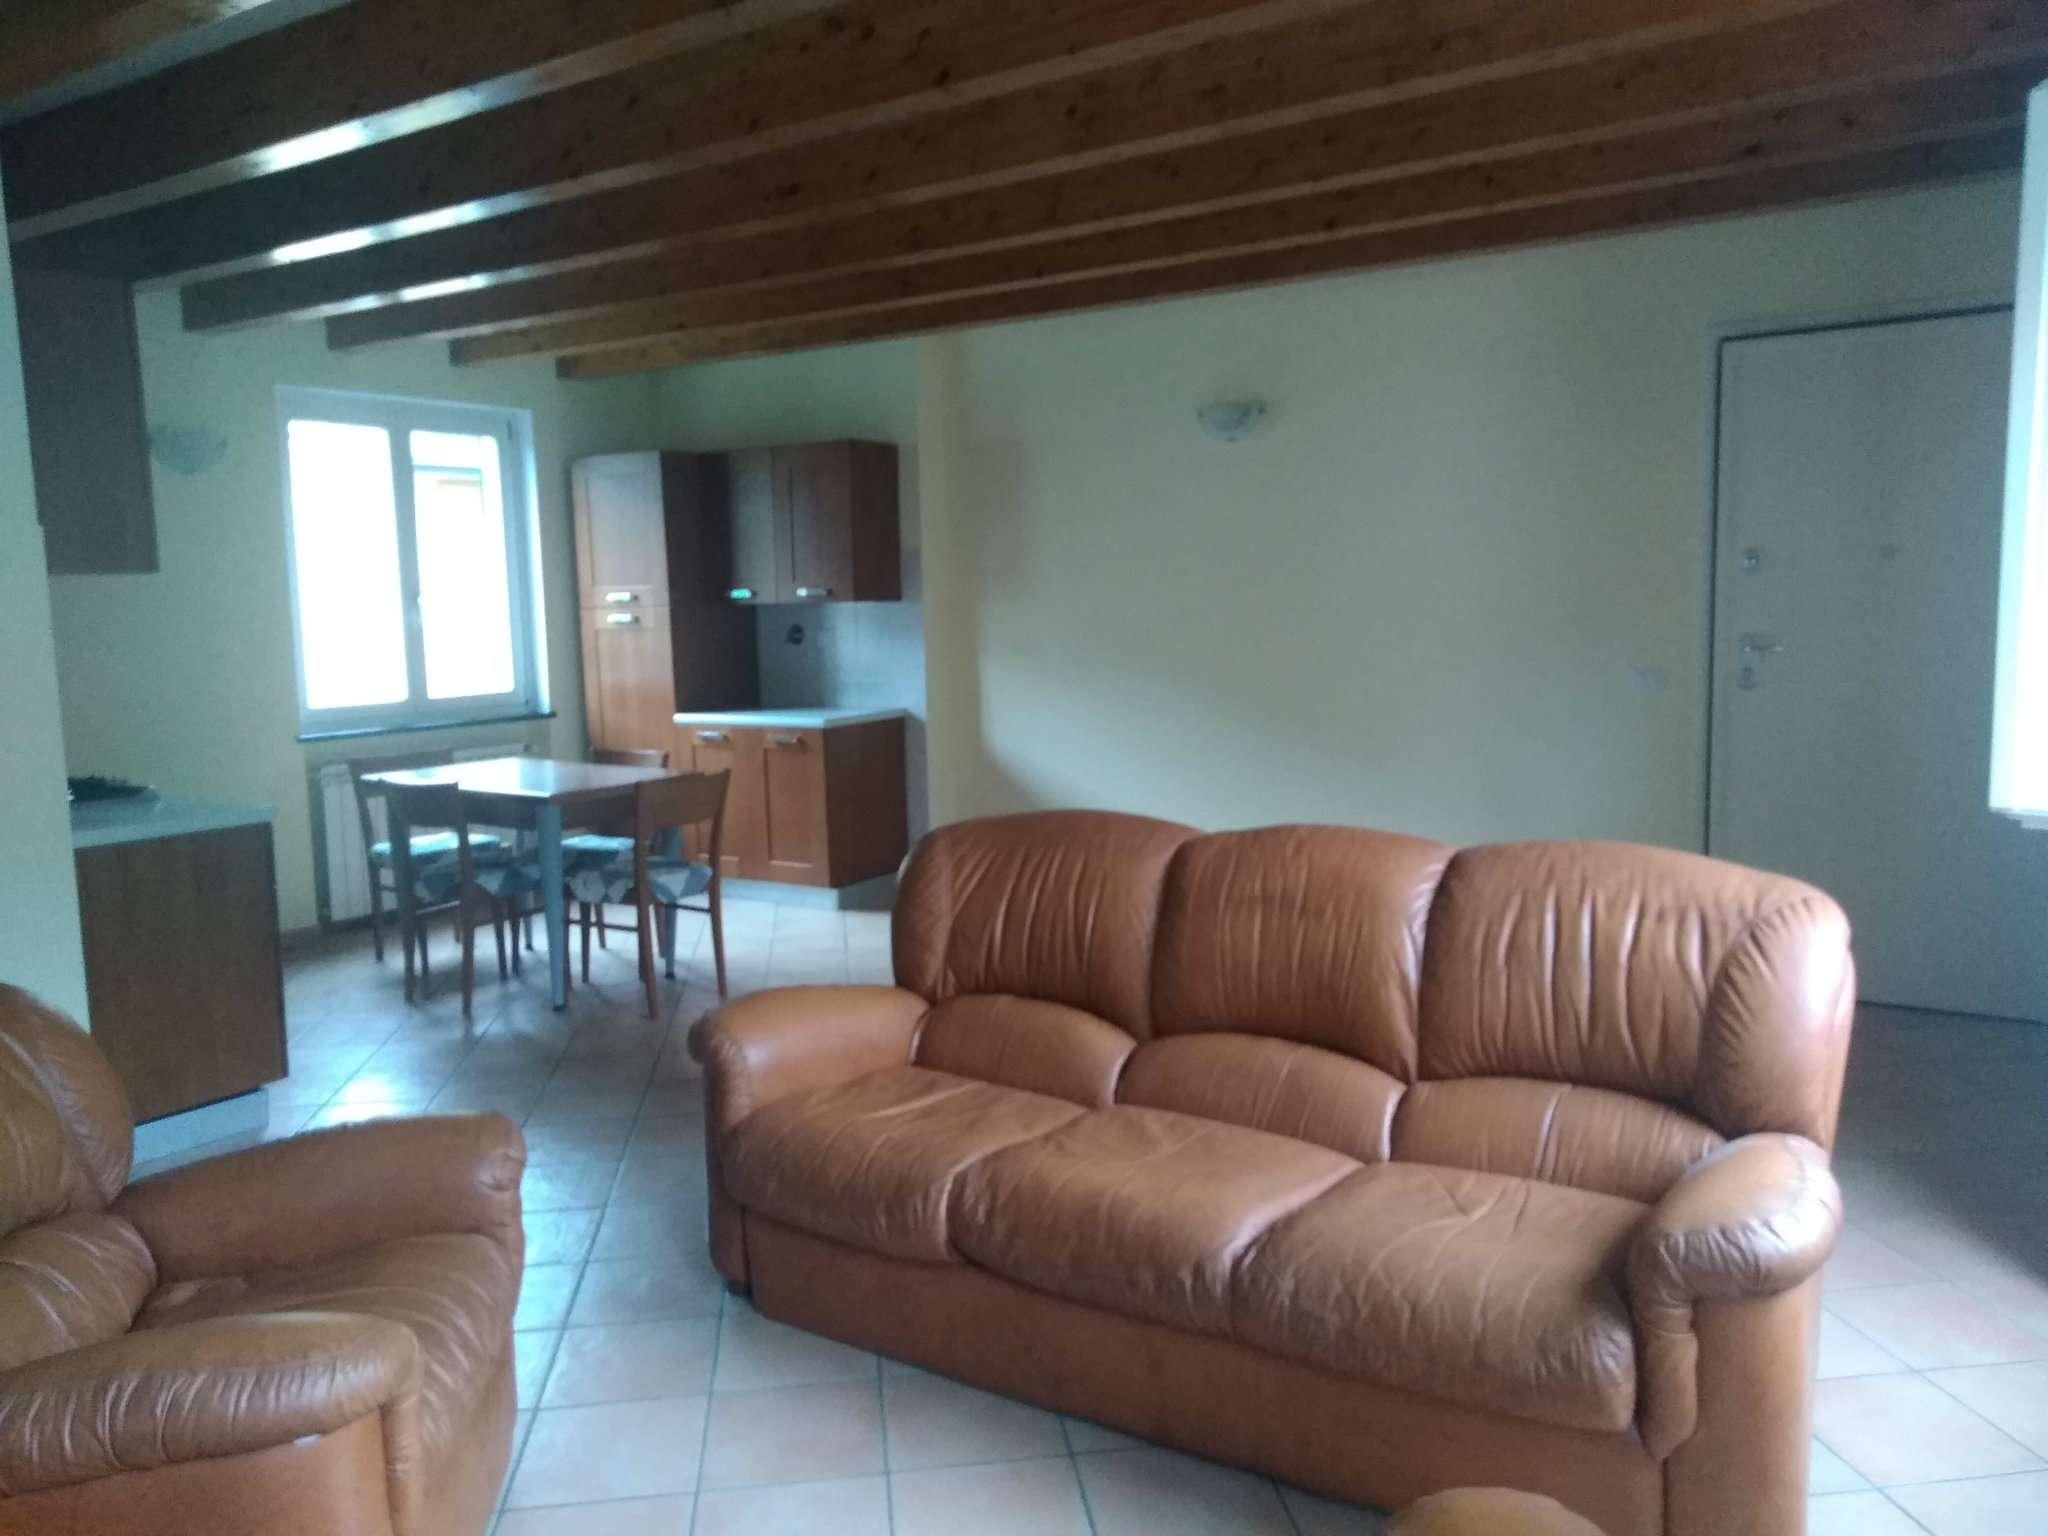 Appartamento in vendita a Cicagna, 4 locali, prezzo € 115.000 | PortaleAgenzieImmobiliari.it